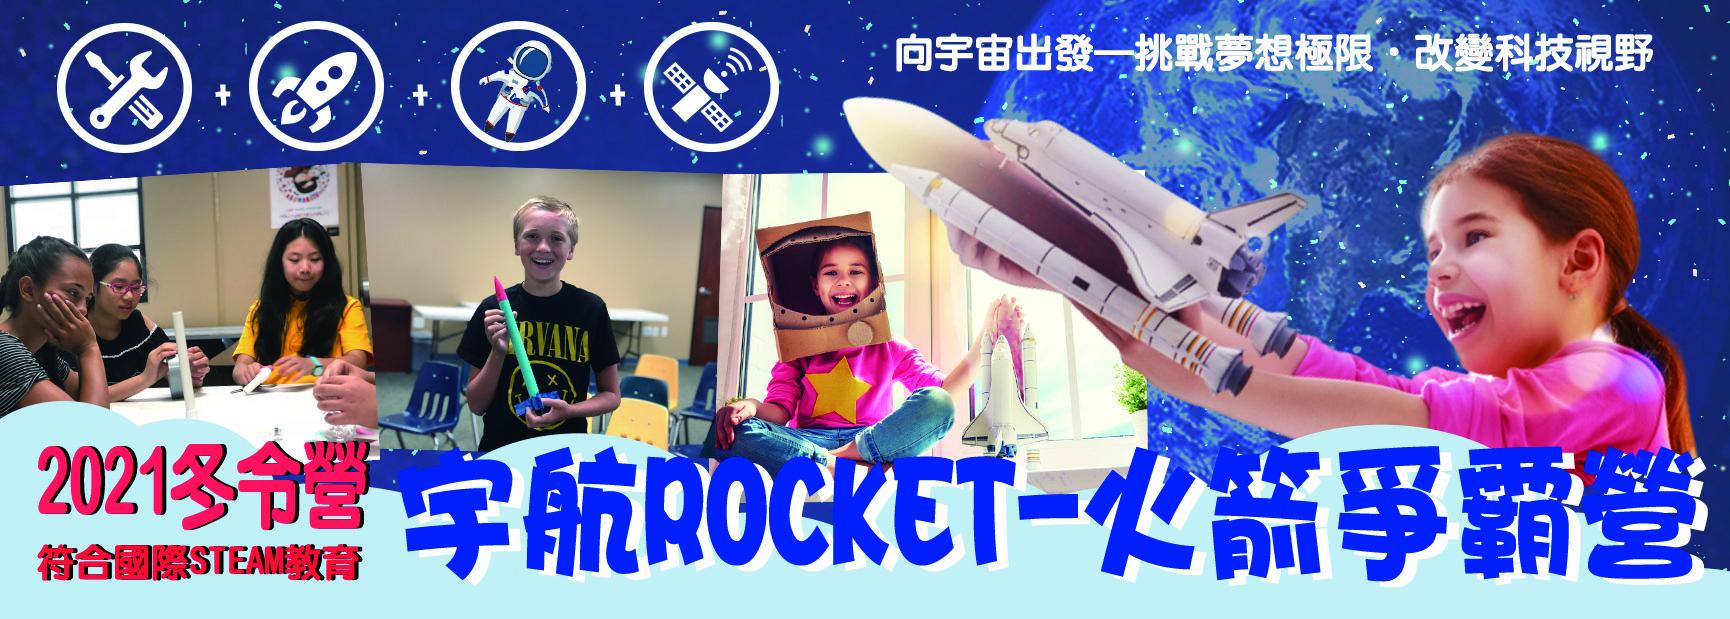 宇航ROCKET-火箭爭霸冬令營